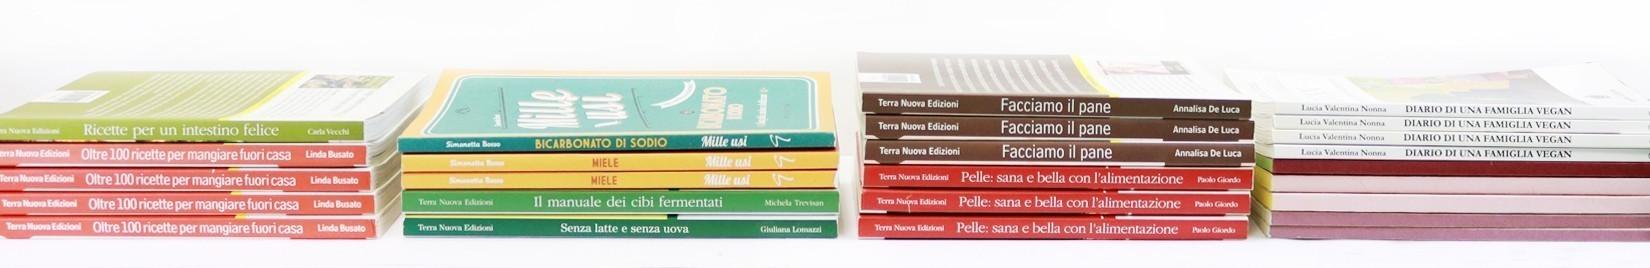 La selezione di libri nuovi del Negozio Leggero